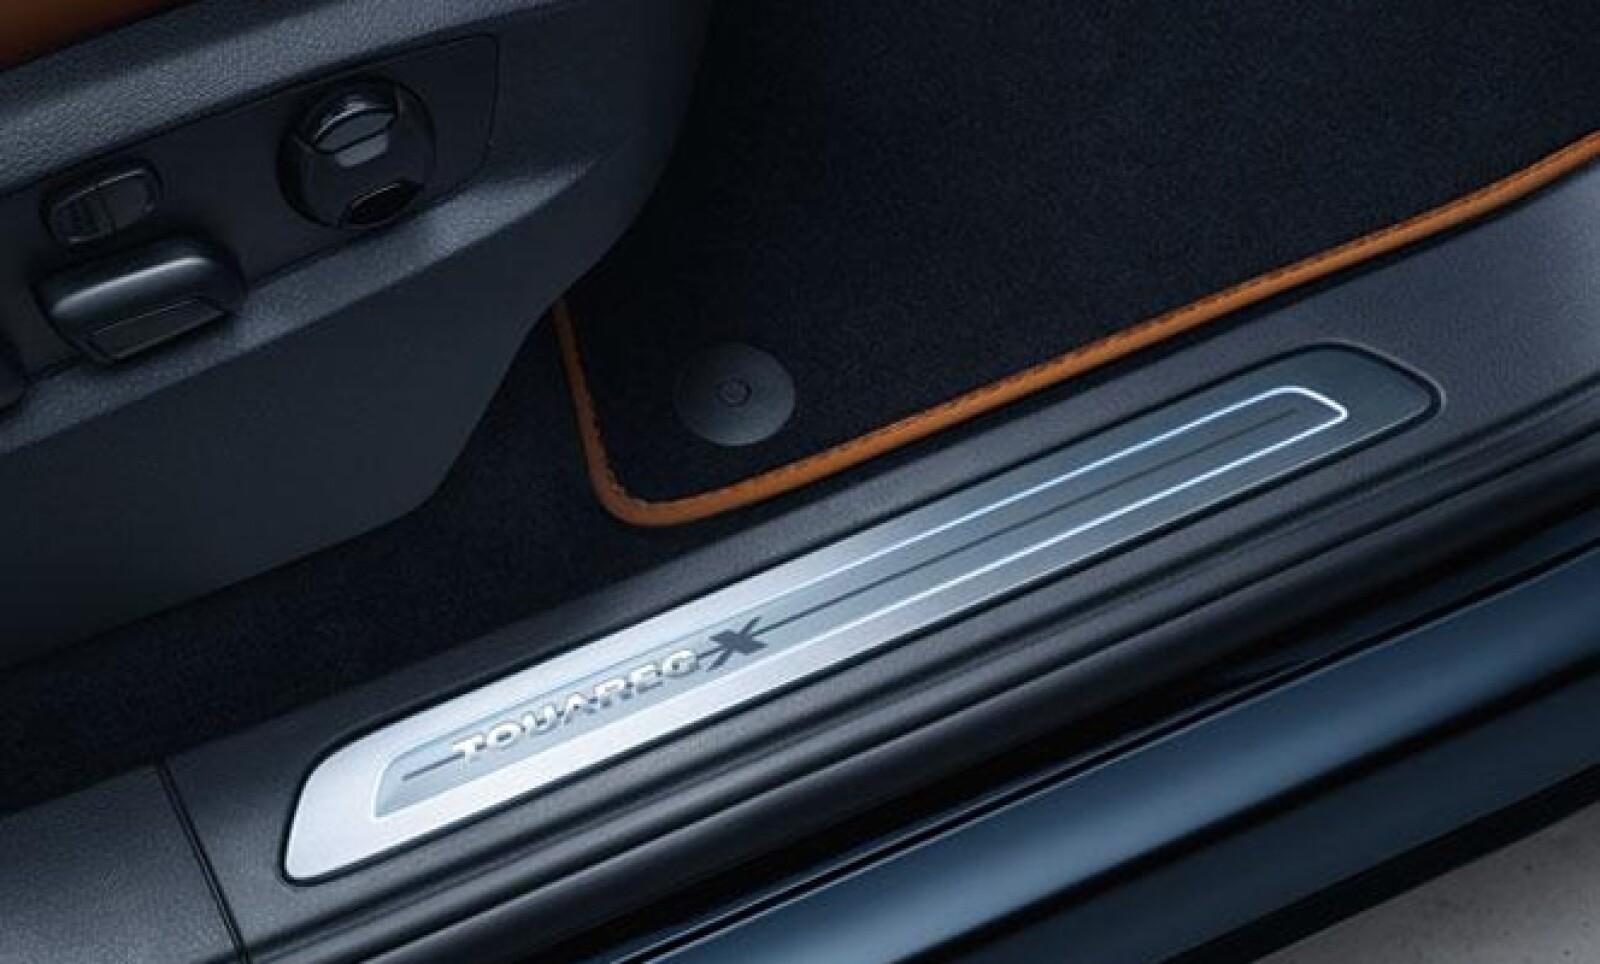 Entre los detalles encontramos la iluminación de las puertas frontales con logos de la edición y costuras en el volante de cuero, la palanca de cambio y las alfombrillas.